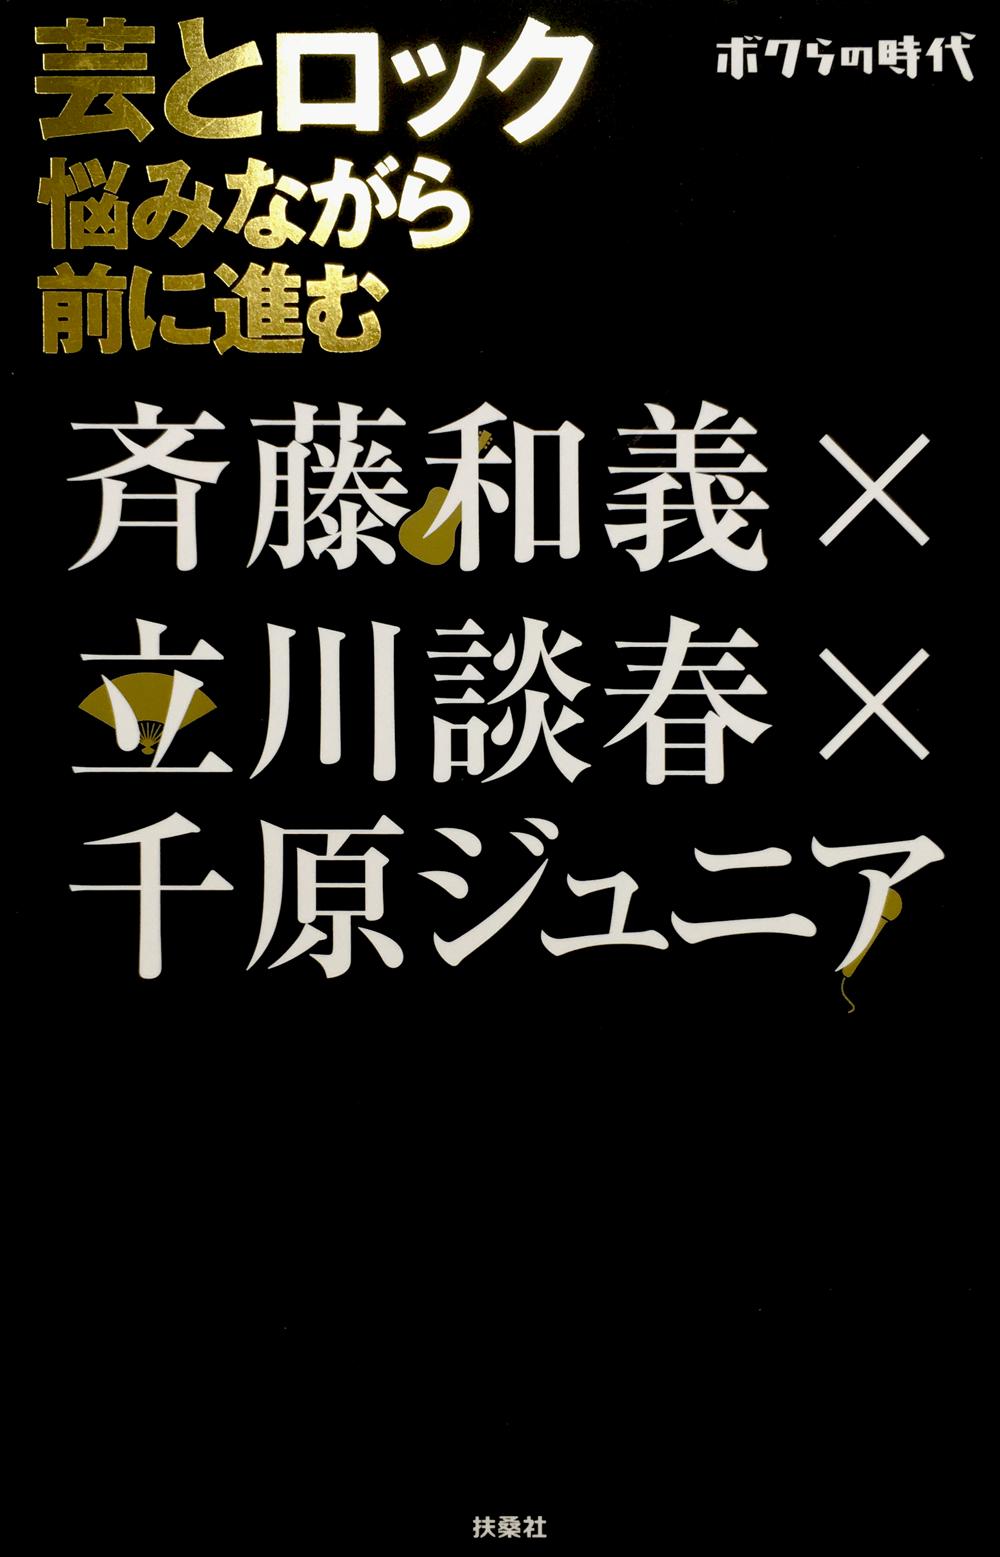 『芸とロック――悩みながら前に進む 斉藤和義×立川談春×千原ジュニア』jacket